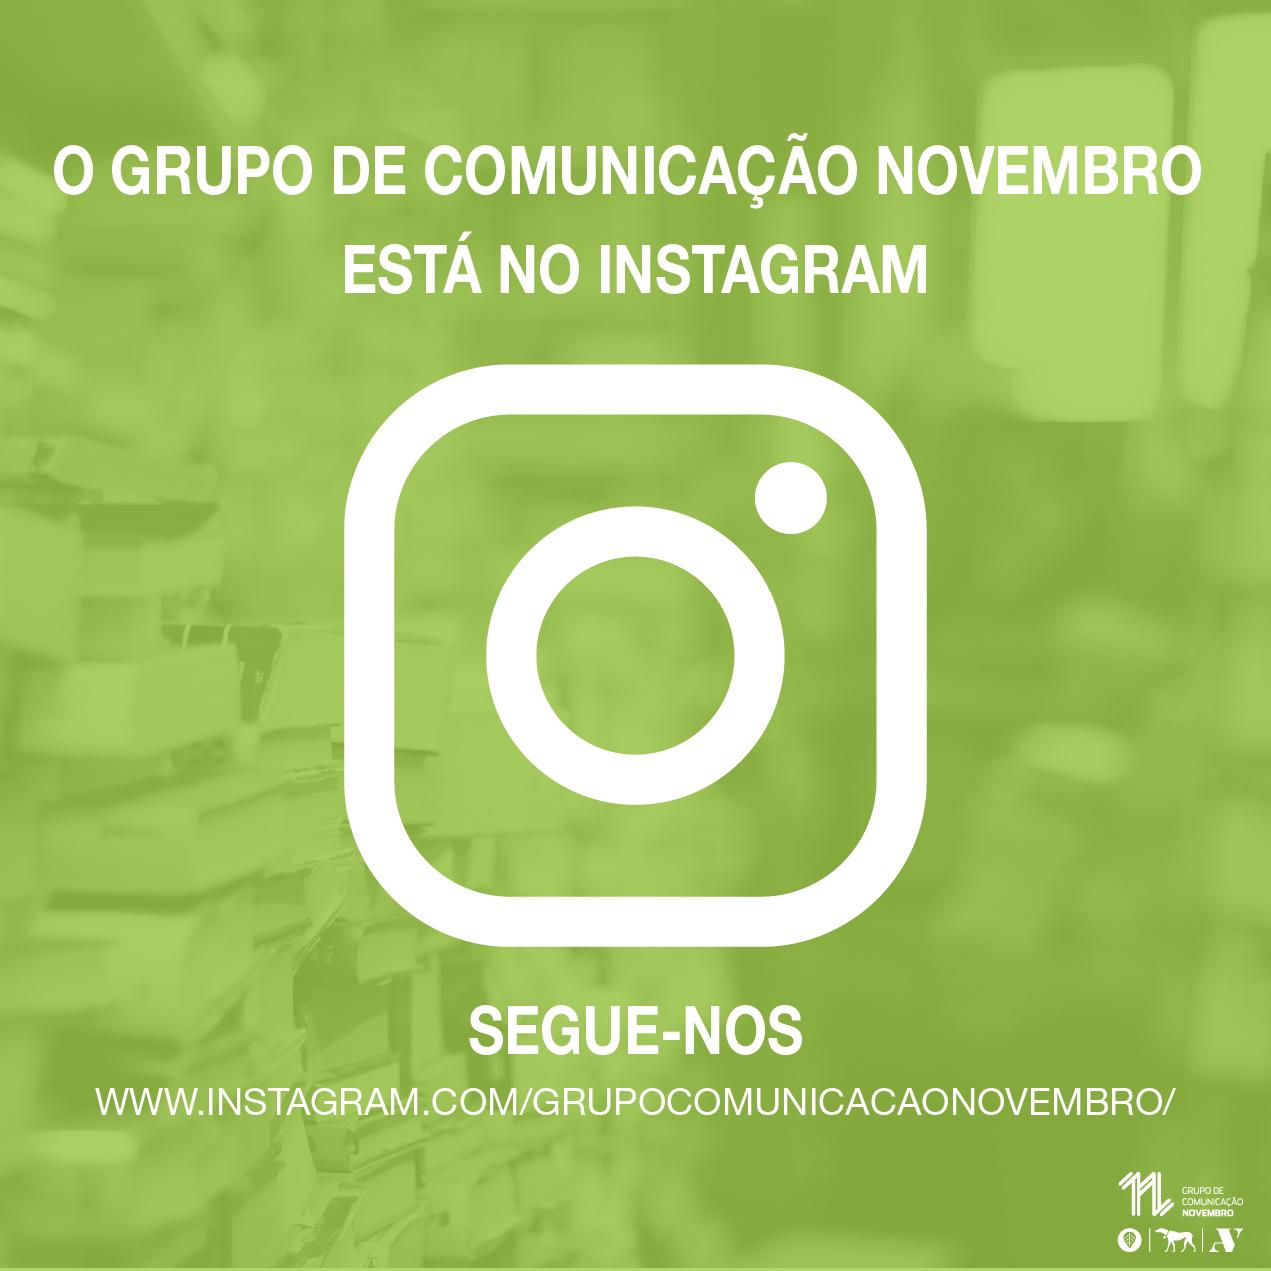 O Grupo de Comunicação Novembro está no Instagram